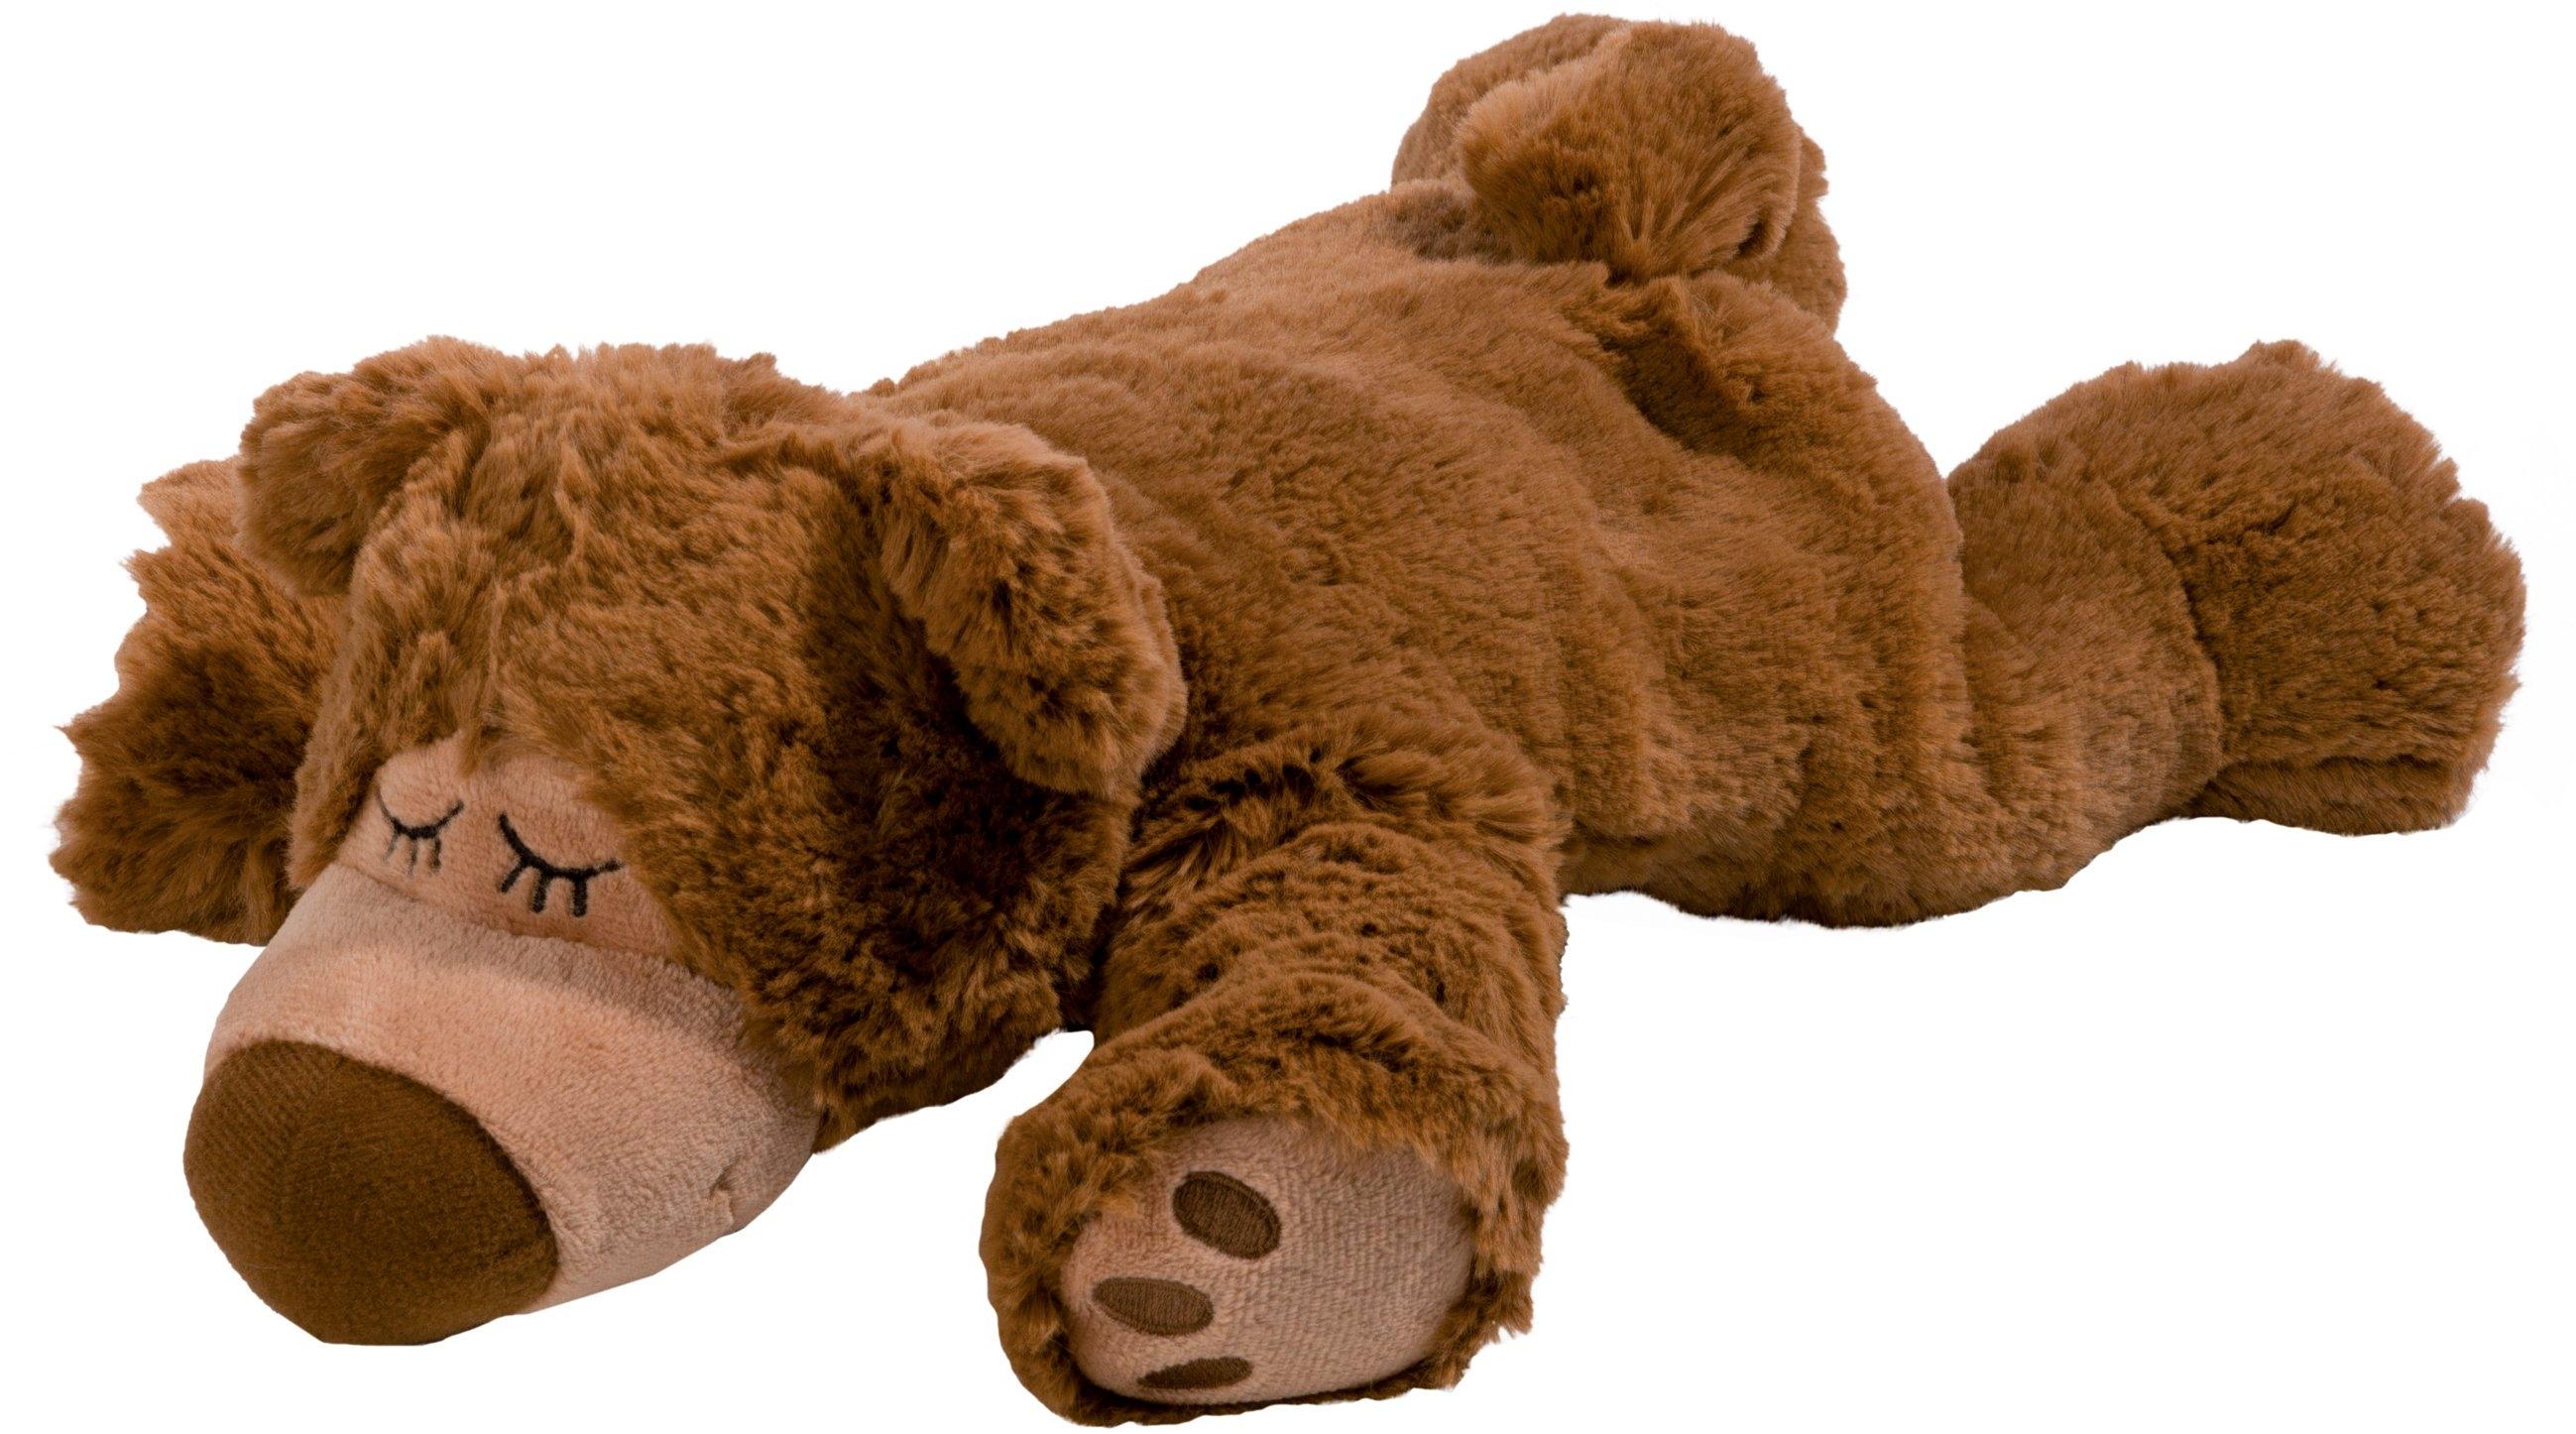 Warmies ® warmtekussen, »Sleepy Bear bruin, kruiden« bestellen: 14 dagen bedenktijd